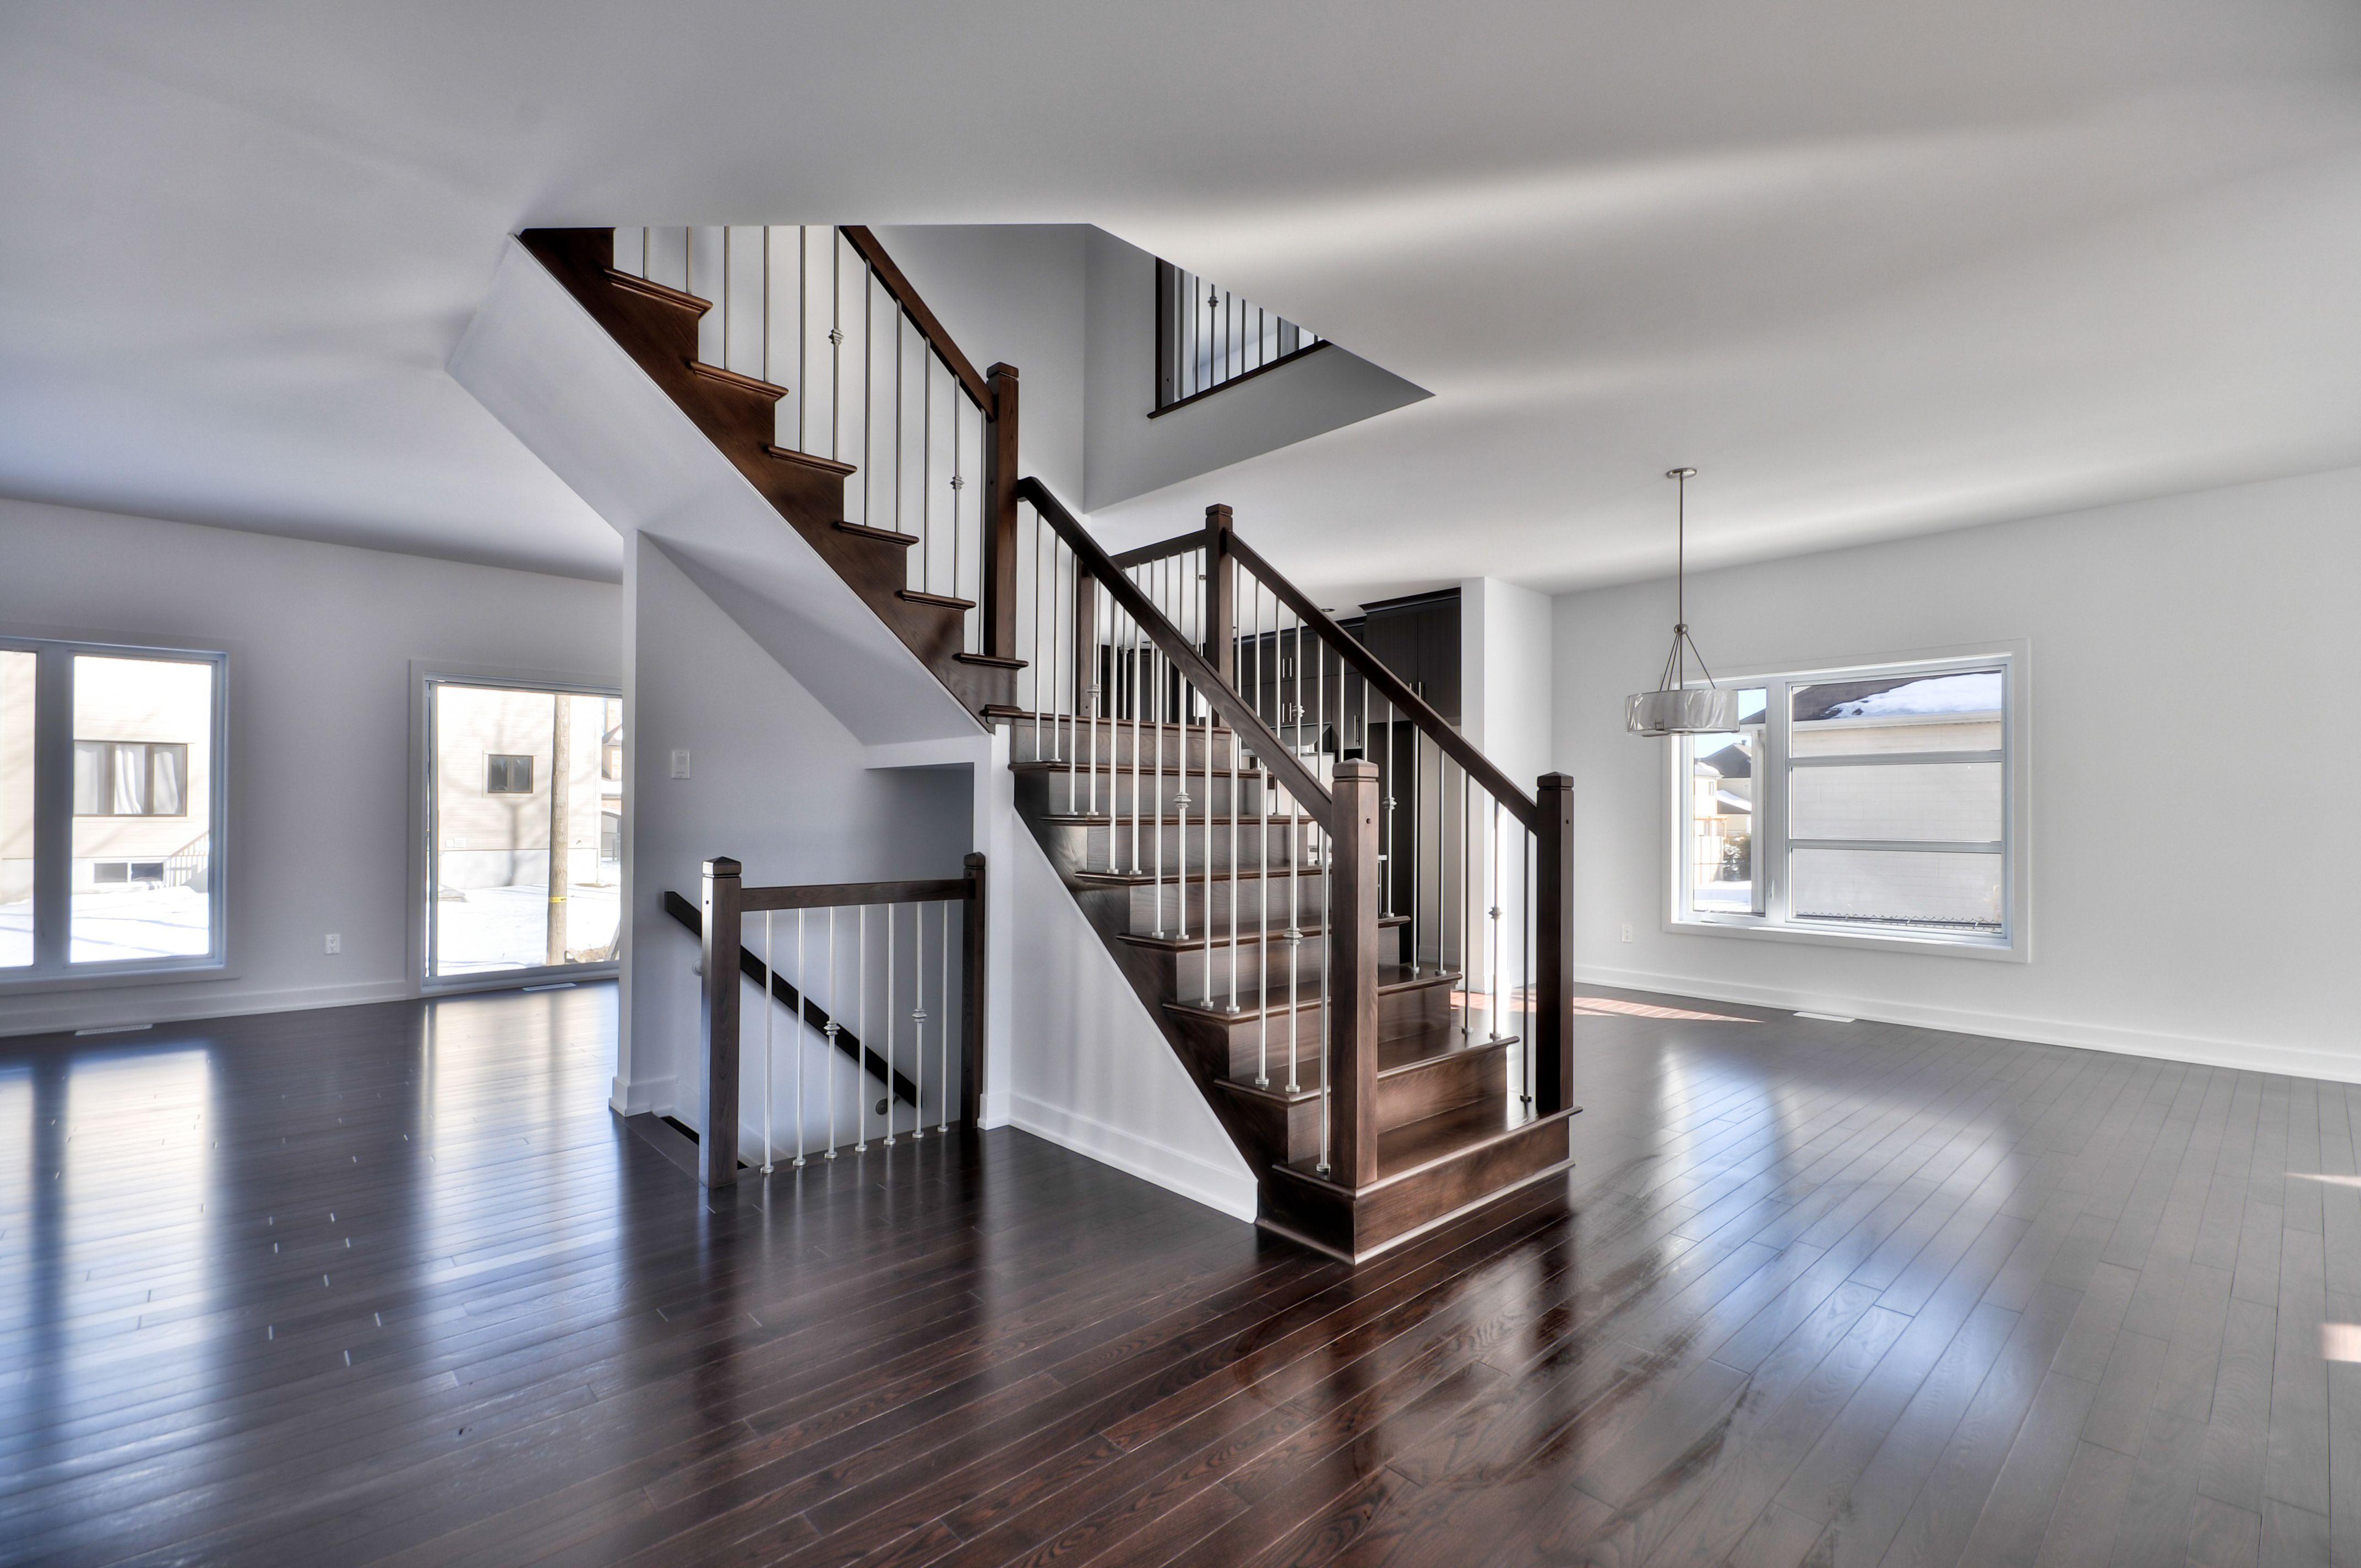 Escalier en bois franc avec maison air ouverte maison for Modele maison neuve